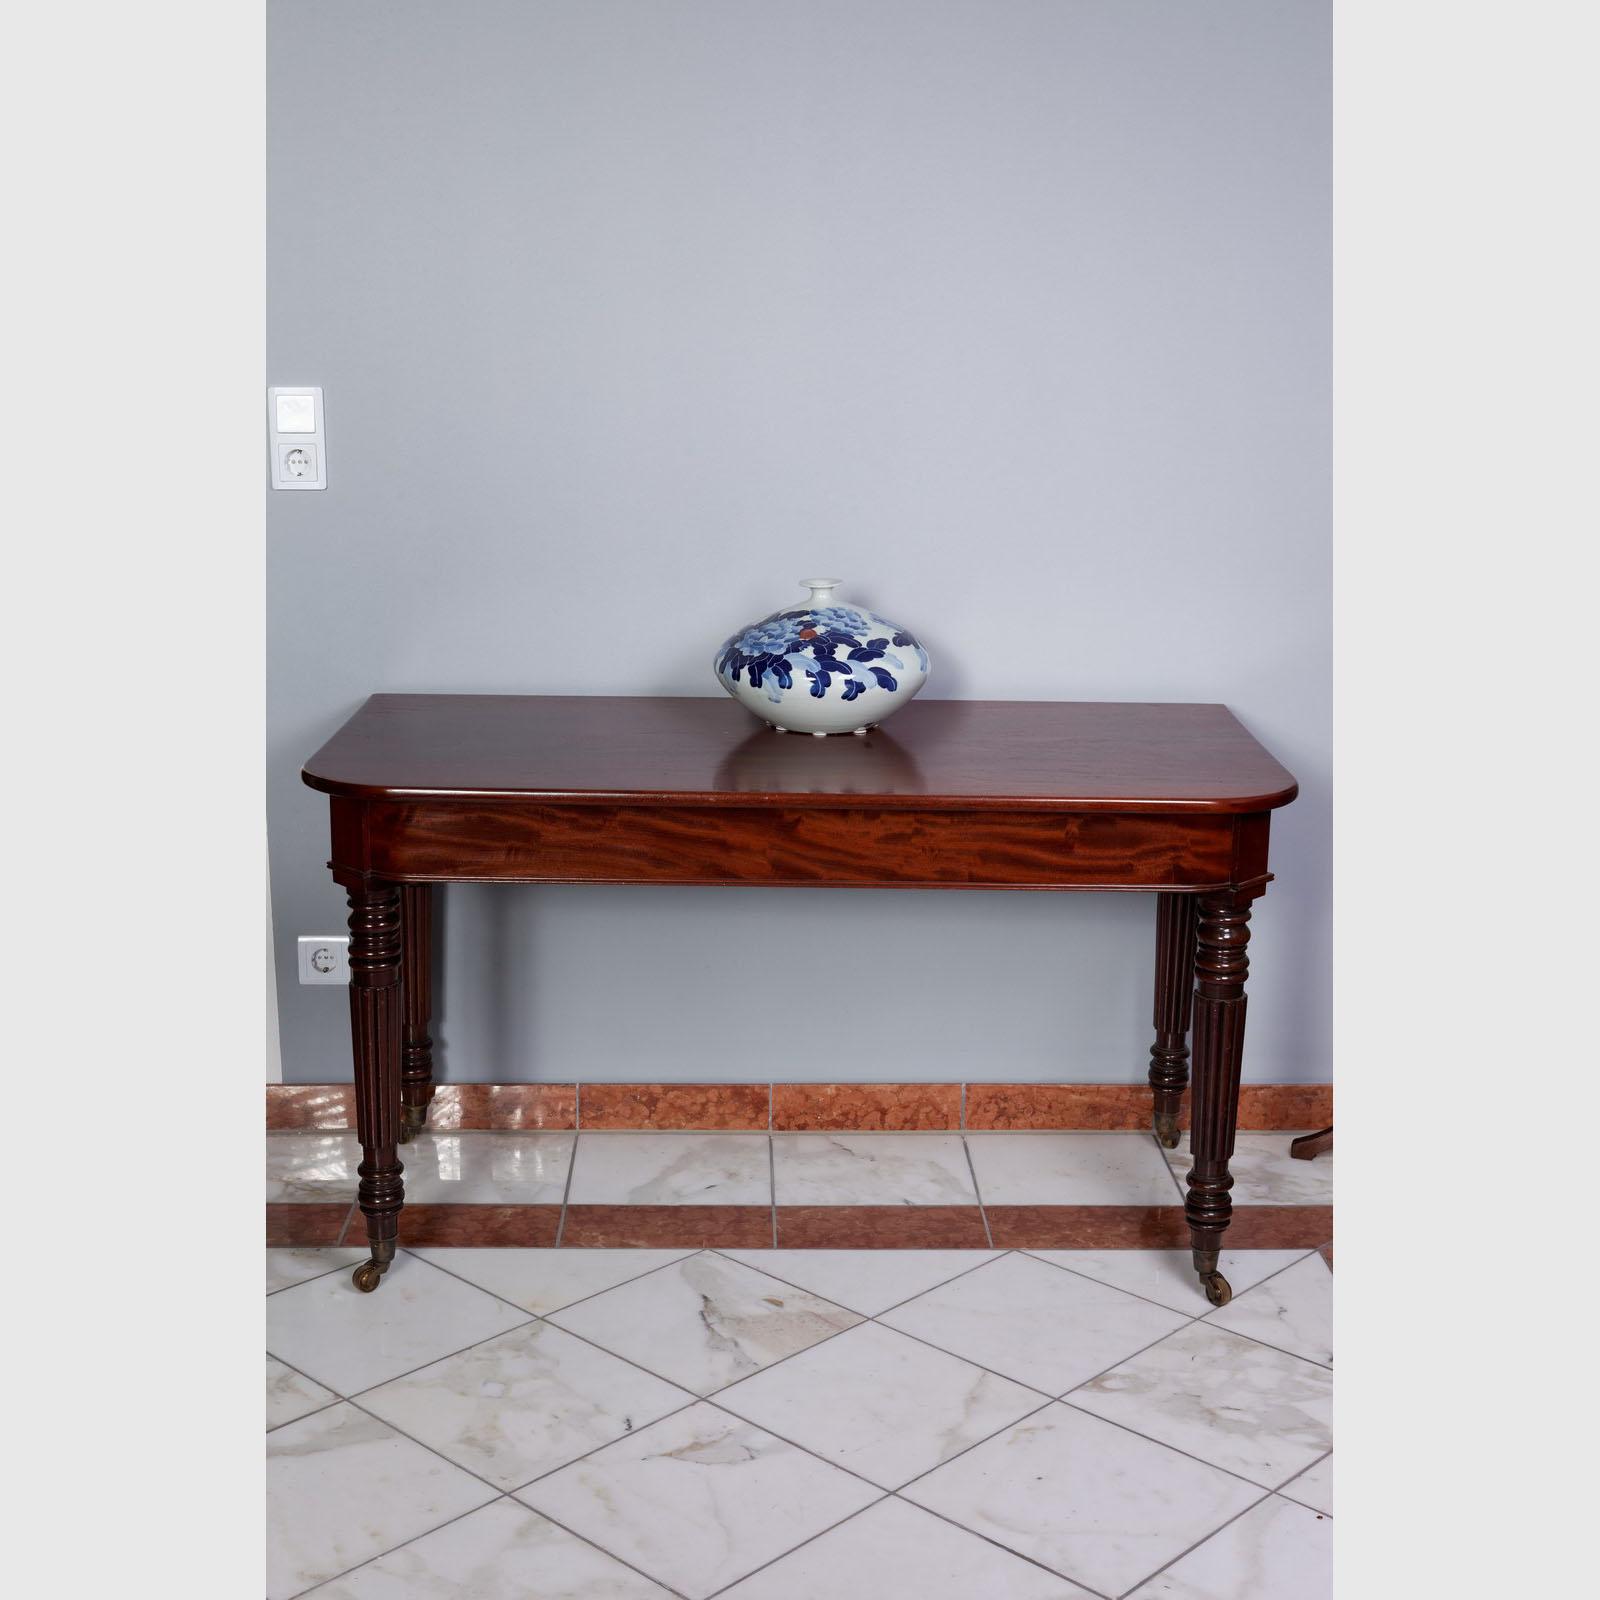 hallentisch von sehr guter qualit t the english house. Black Bedroom Furniture Sets. Home Design Ideas